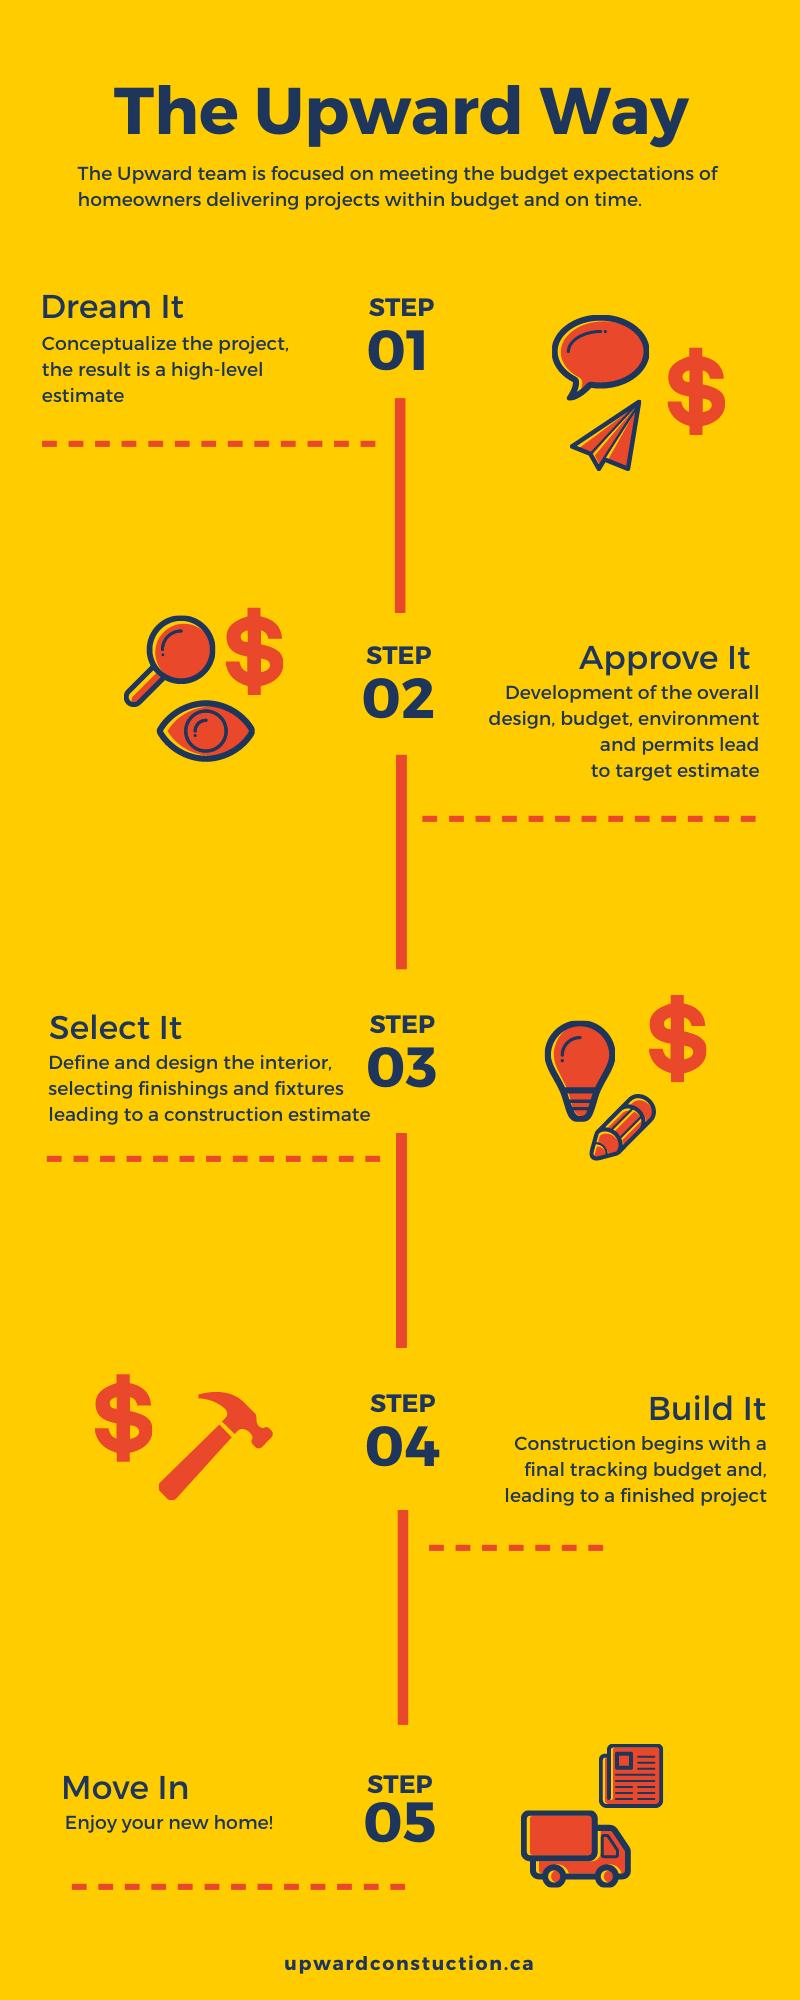 The Upward Way Project Budget Process